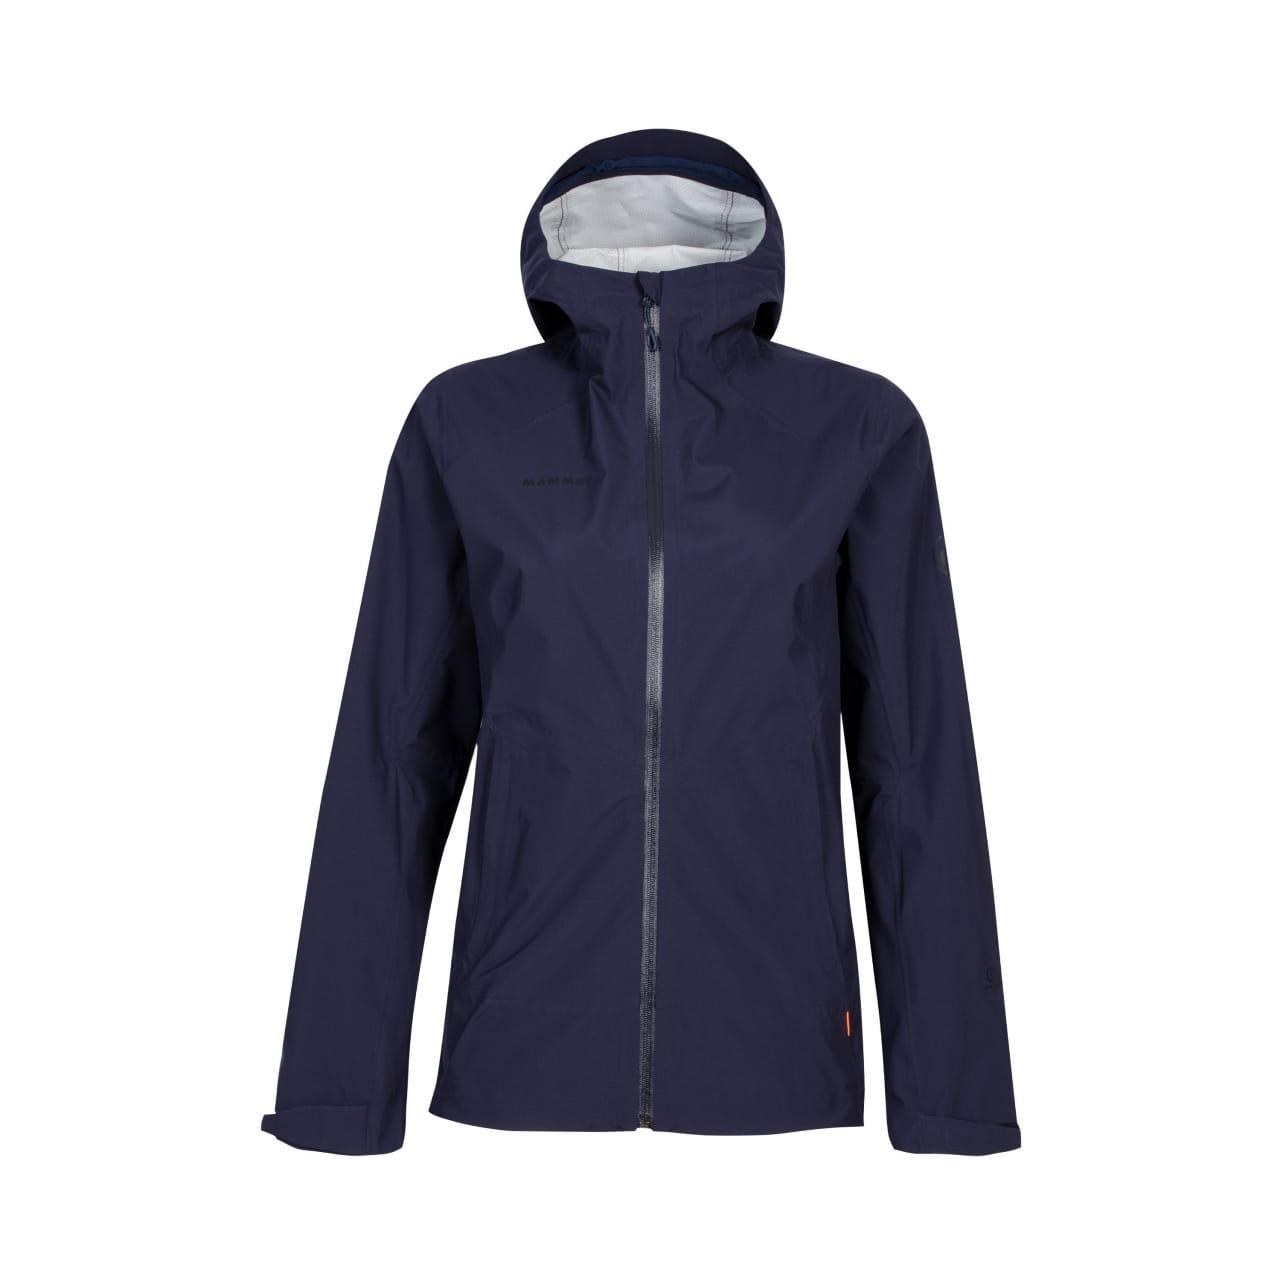 Dámská bunda s kapucí Mammut Albula HS Hooded Jacket Women